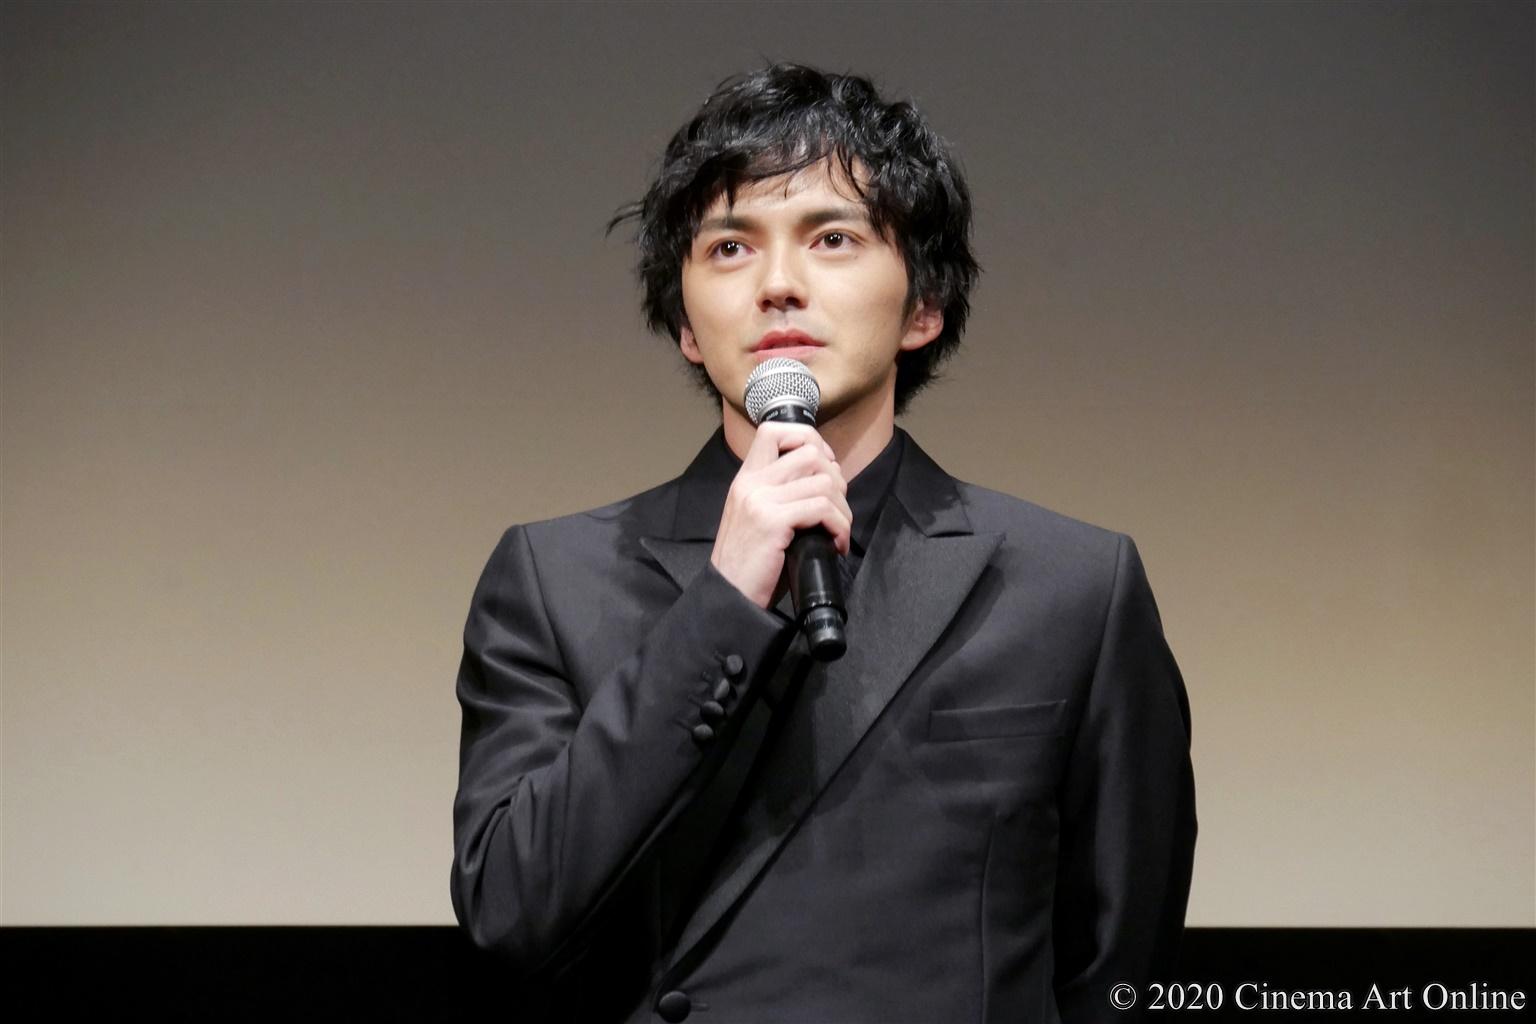 【写真】第33回 東京国際映画祭(TIFF) TOKYOプレミア2020部門 映画『私をくいとめて』舞台挨拶 (林遣都)